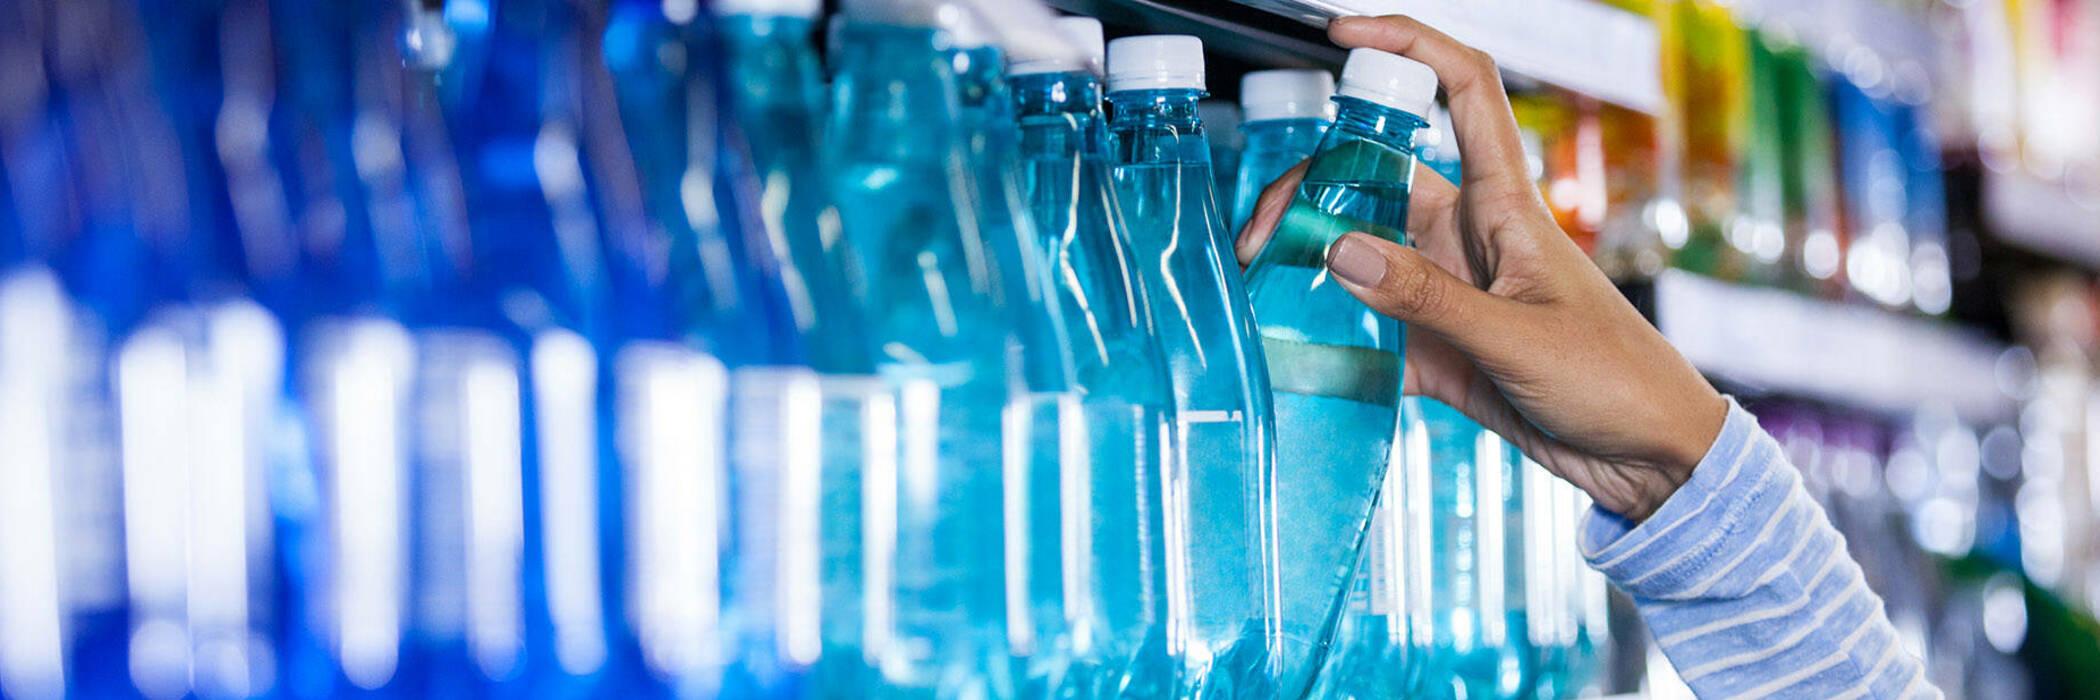 taking bottled water off shelf